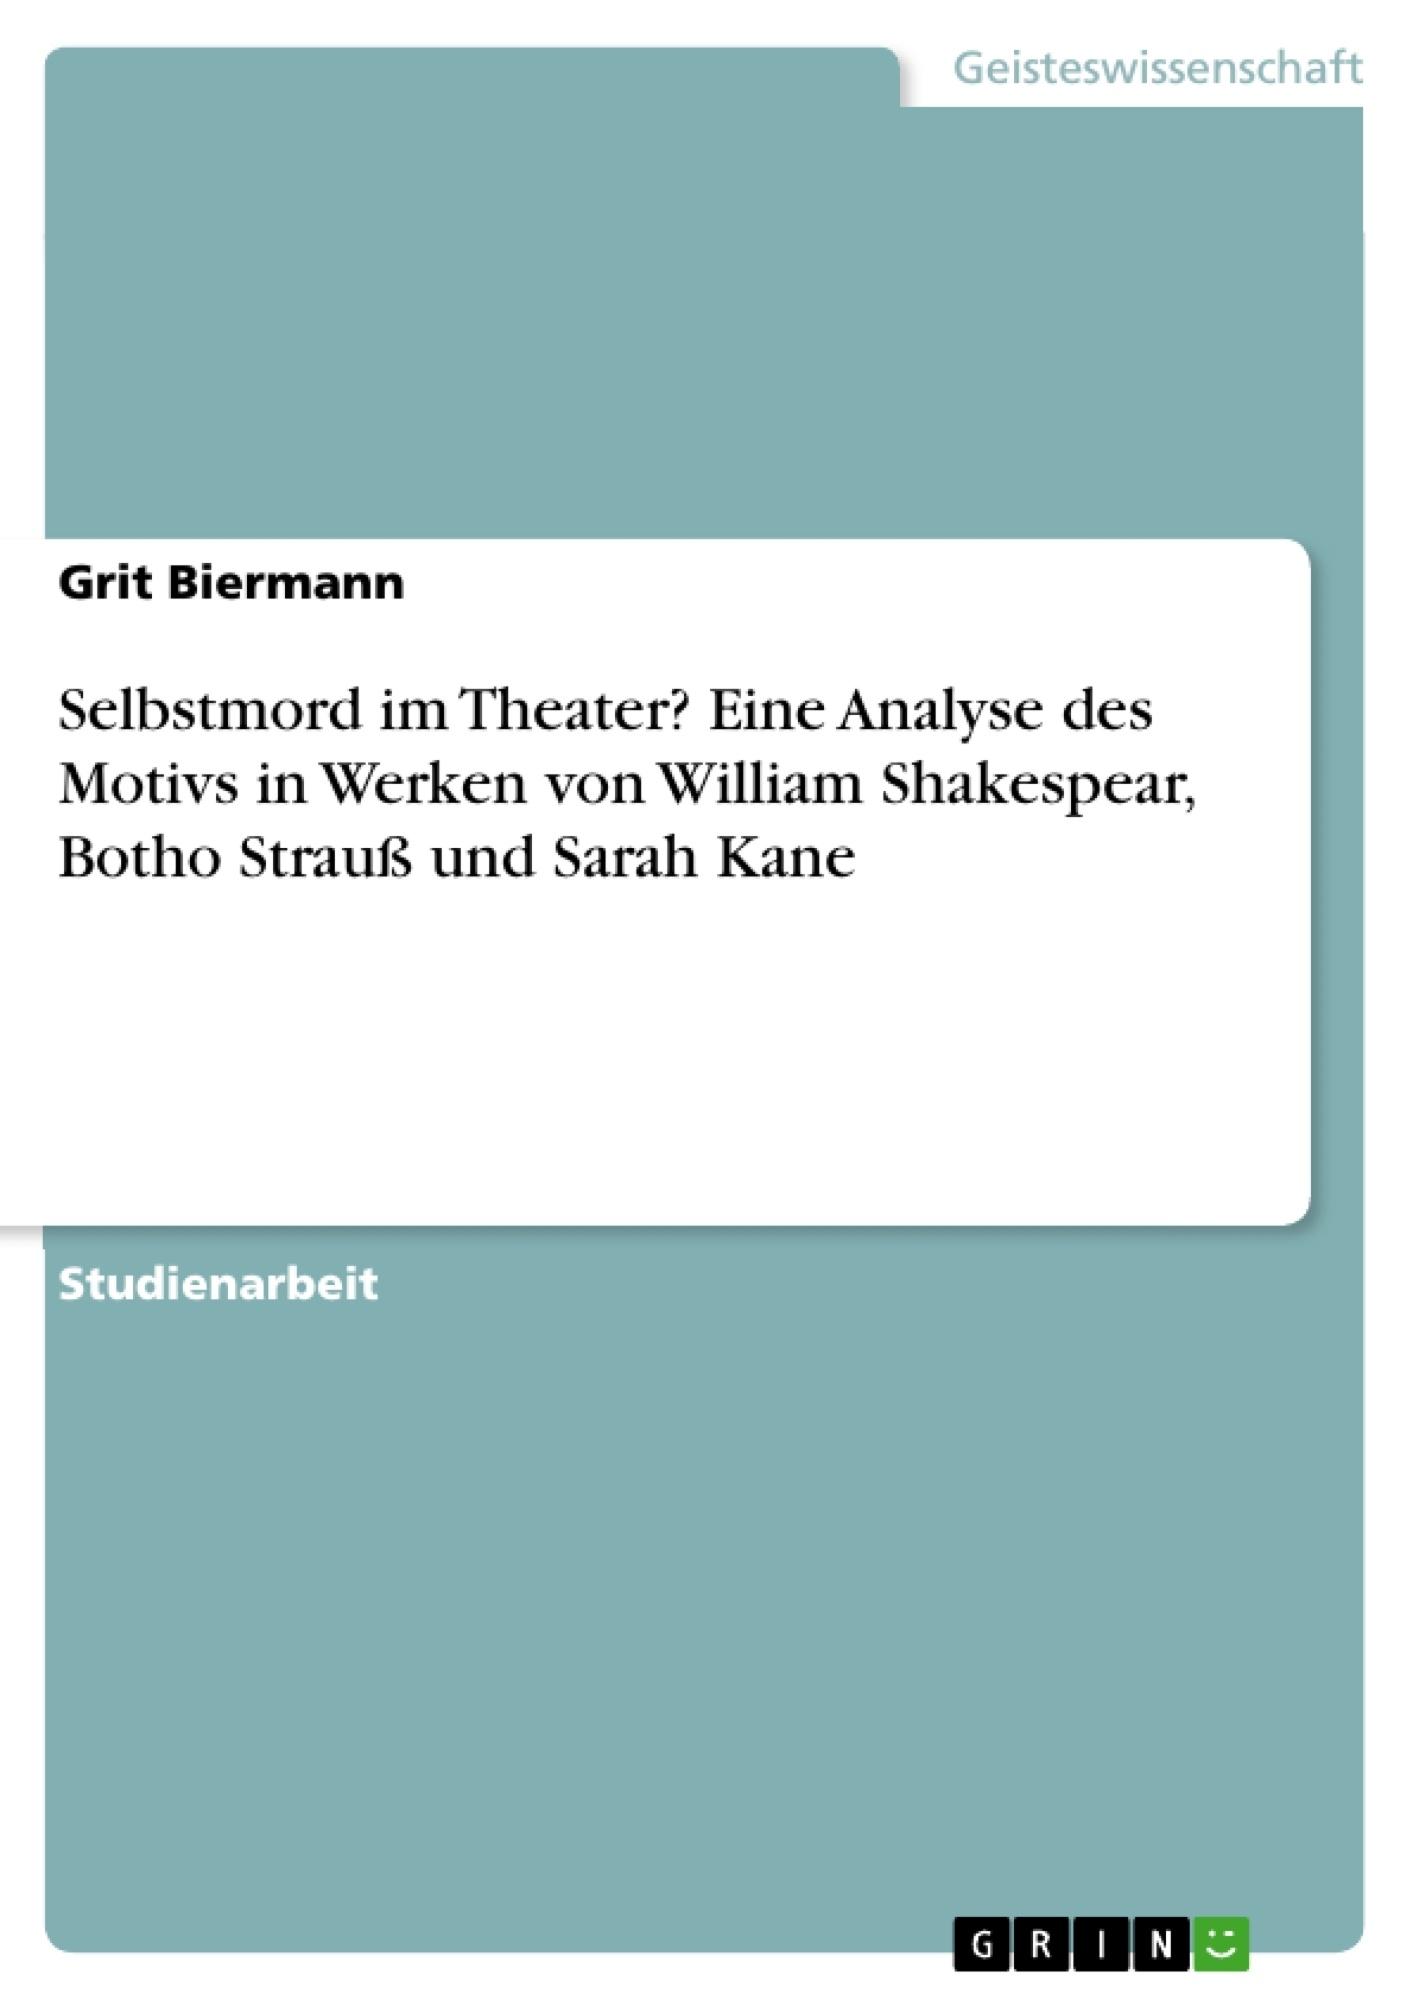 Titel: Selbstmord im Theater? Eine Analyse des Motivs in Werken von William Shakespear, Botho Strauß und Sarah Kane